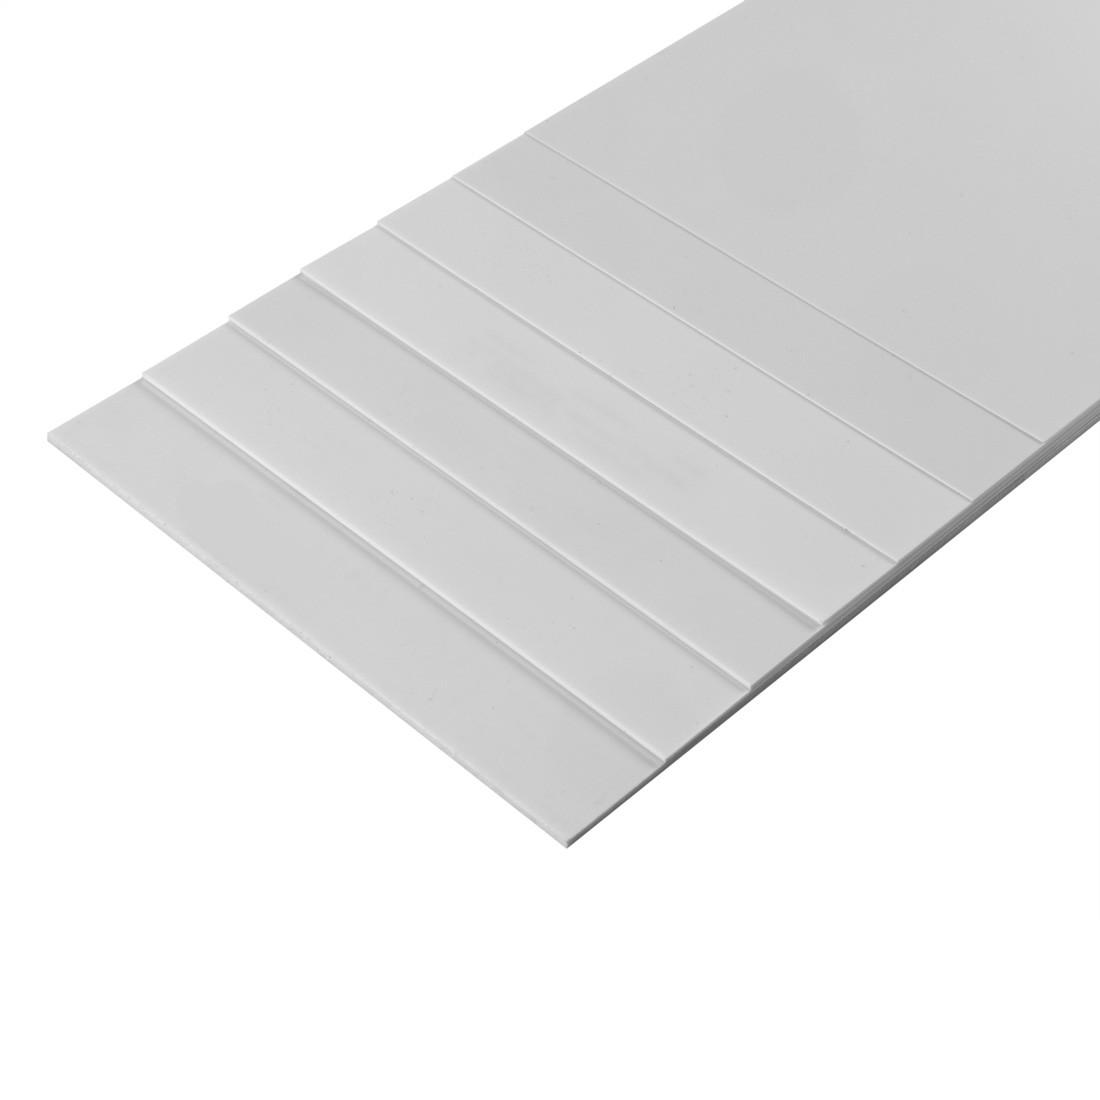 Feuille Styrène blanc mm. 194x320- mm. 1,0